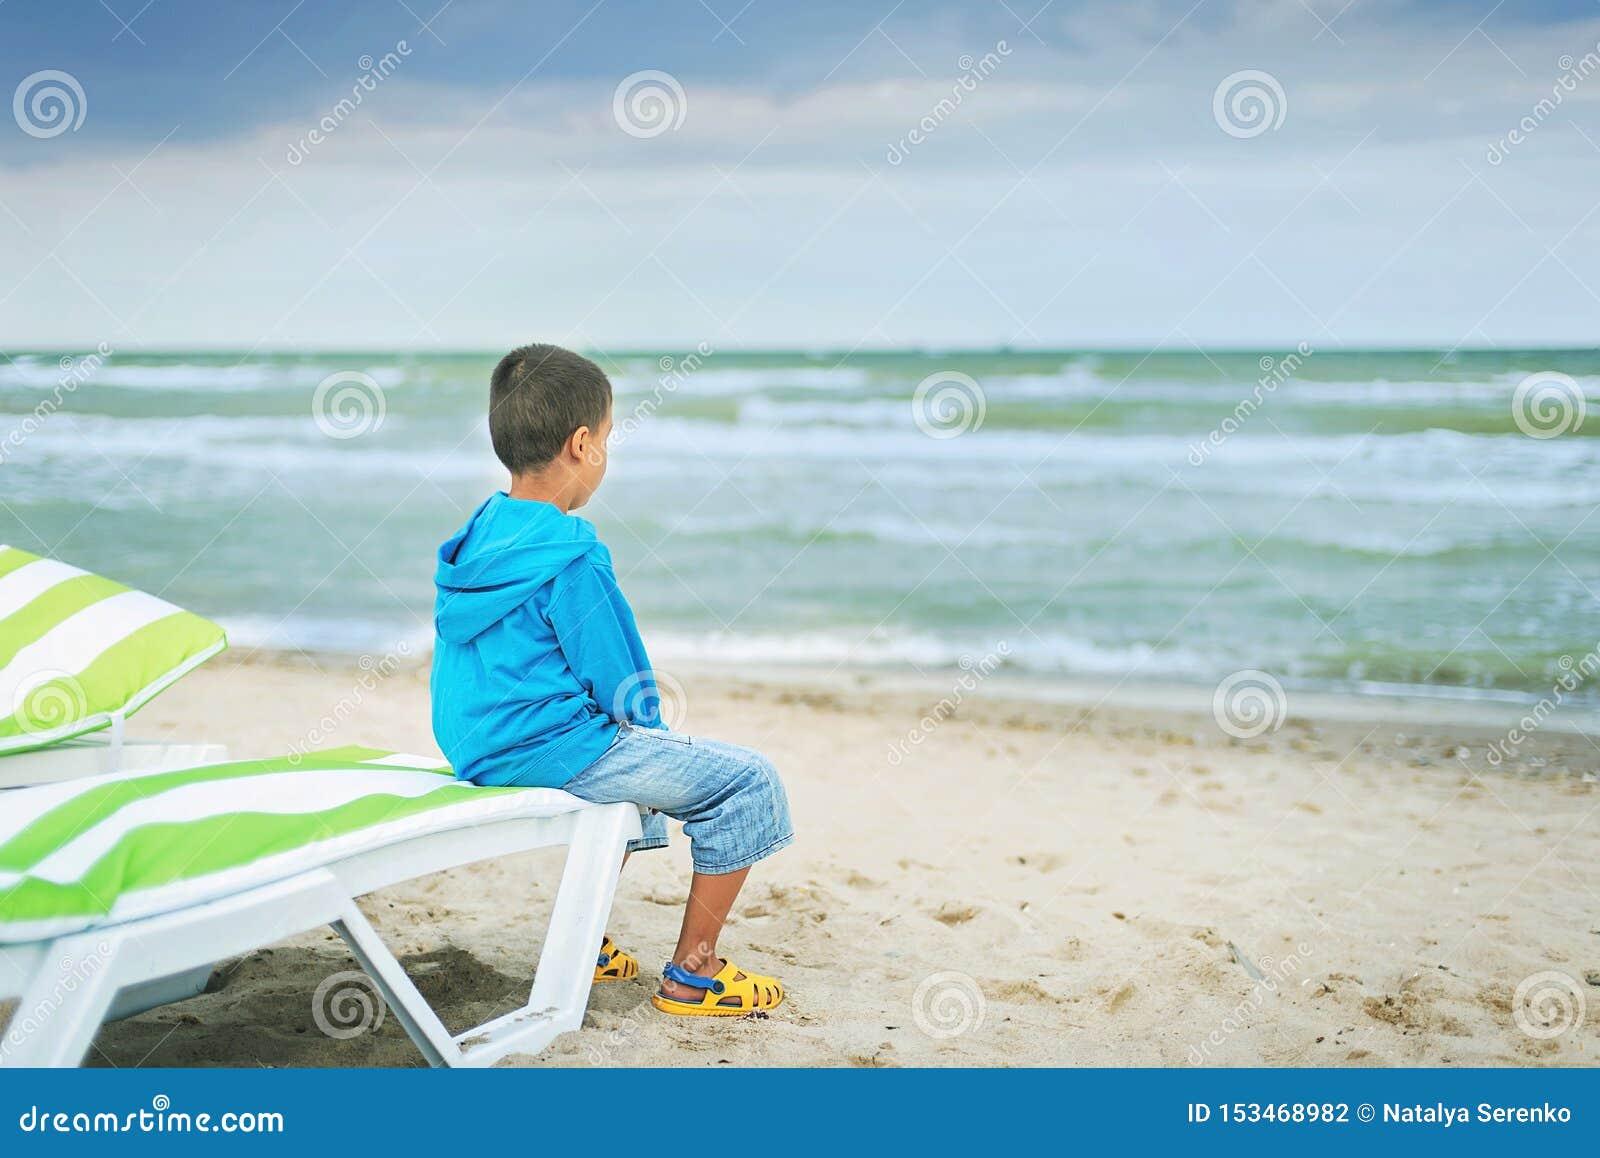 Λυπημένη μόνη συνεδρίαση παιδιών στην παραλία, που φαίνεται εν πλω και που σκέφτεται Το τέλος του καλοκαιριού θλίψη για το τέλος